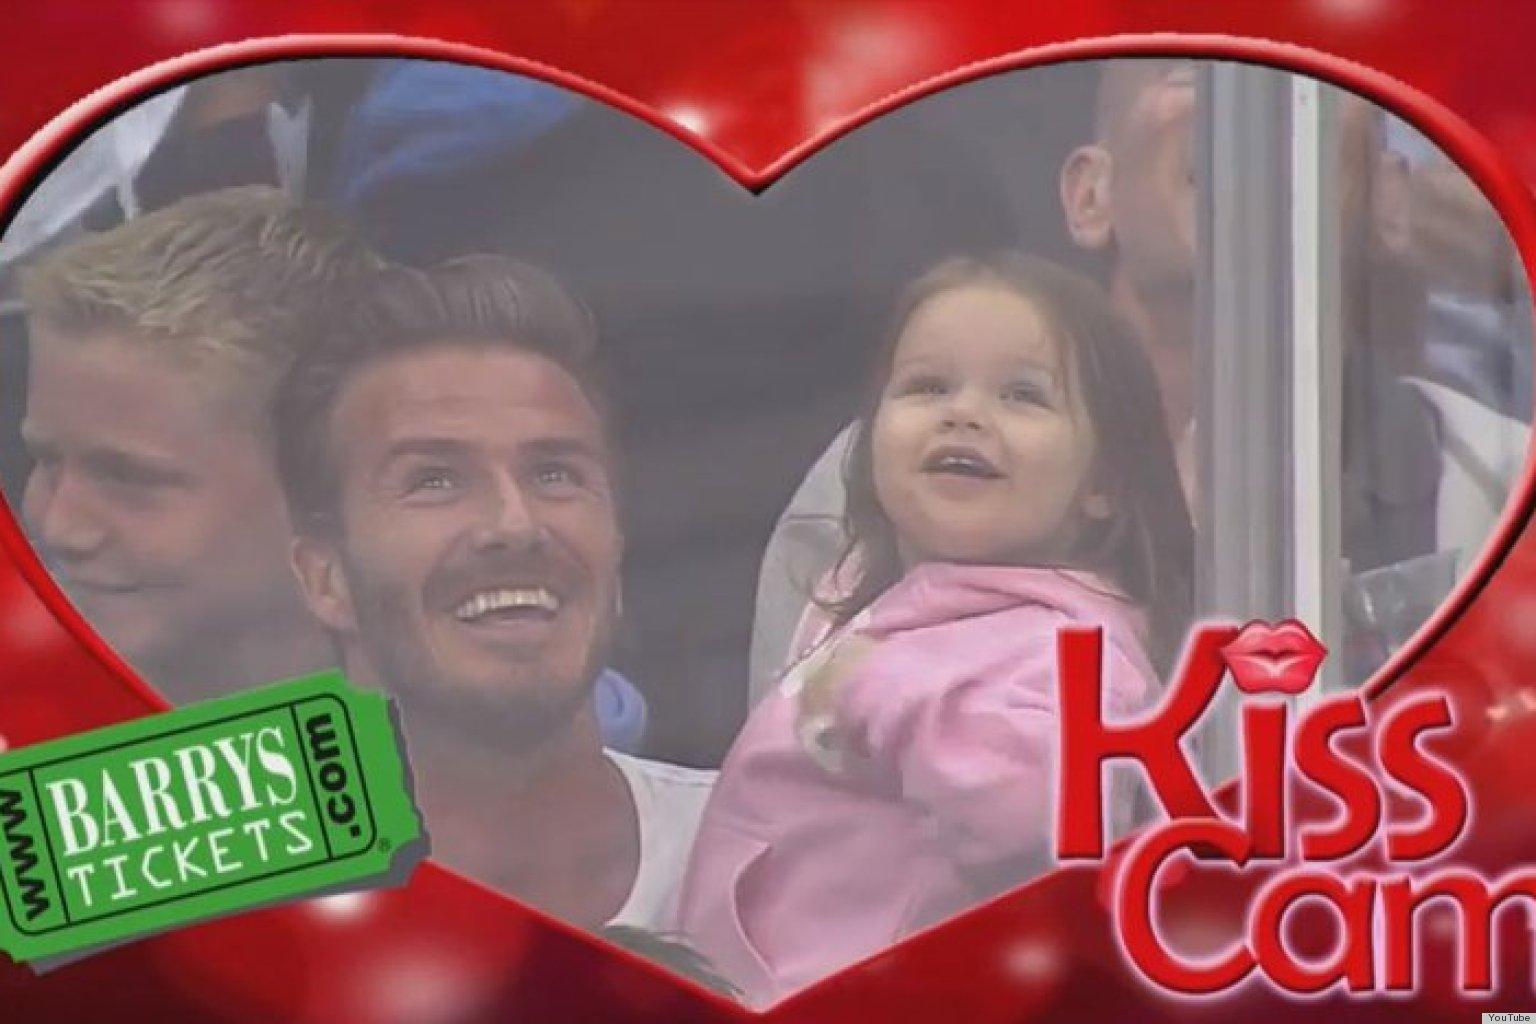 David Beckham Kiss Cam: Watch Harper's Dad Pucker Up | HuffPost